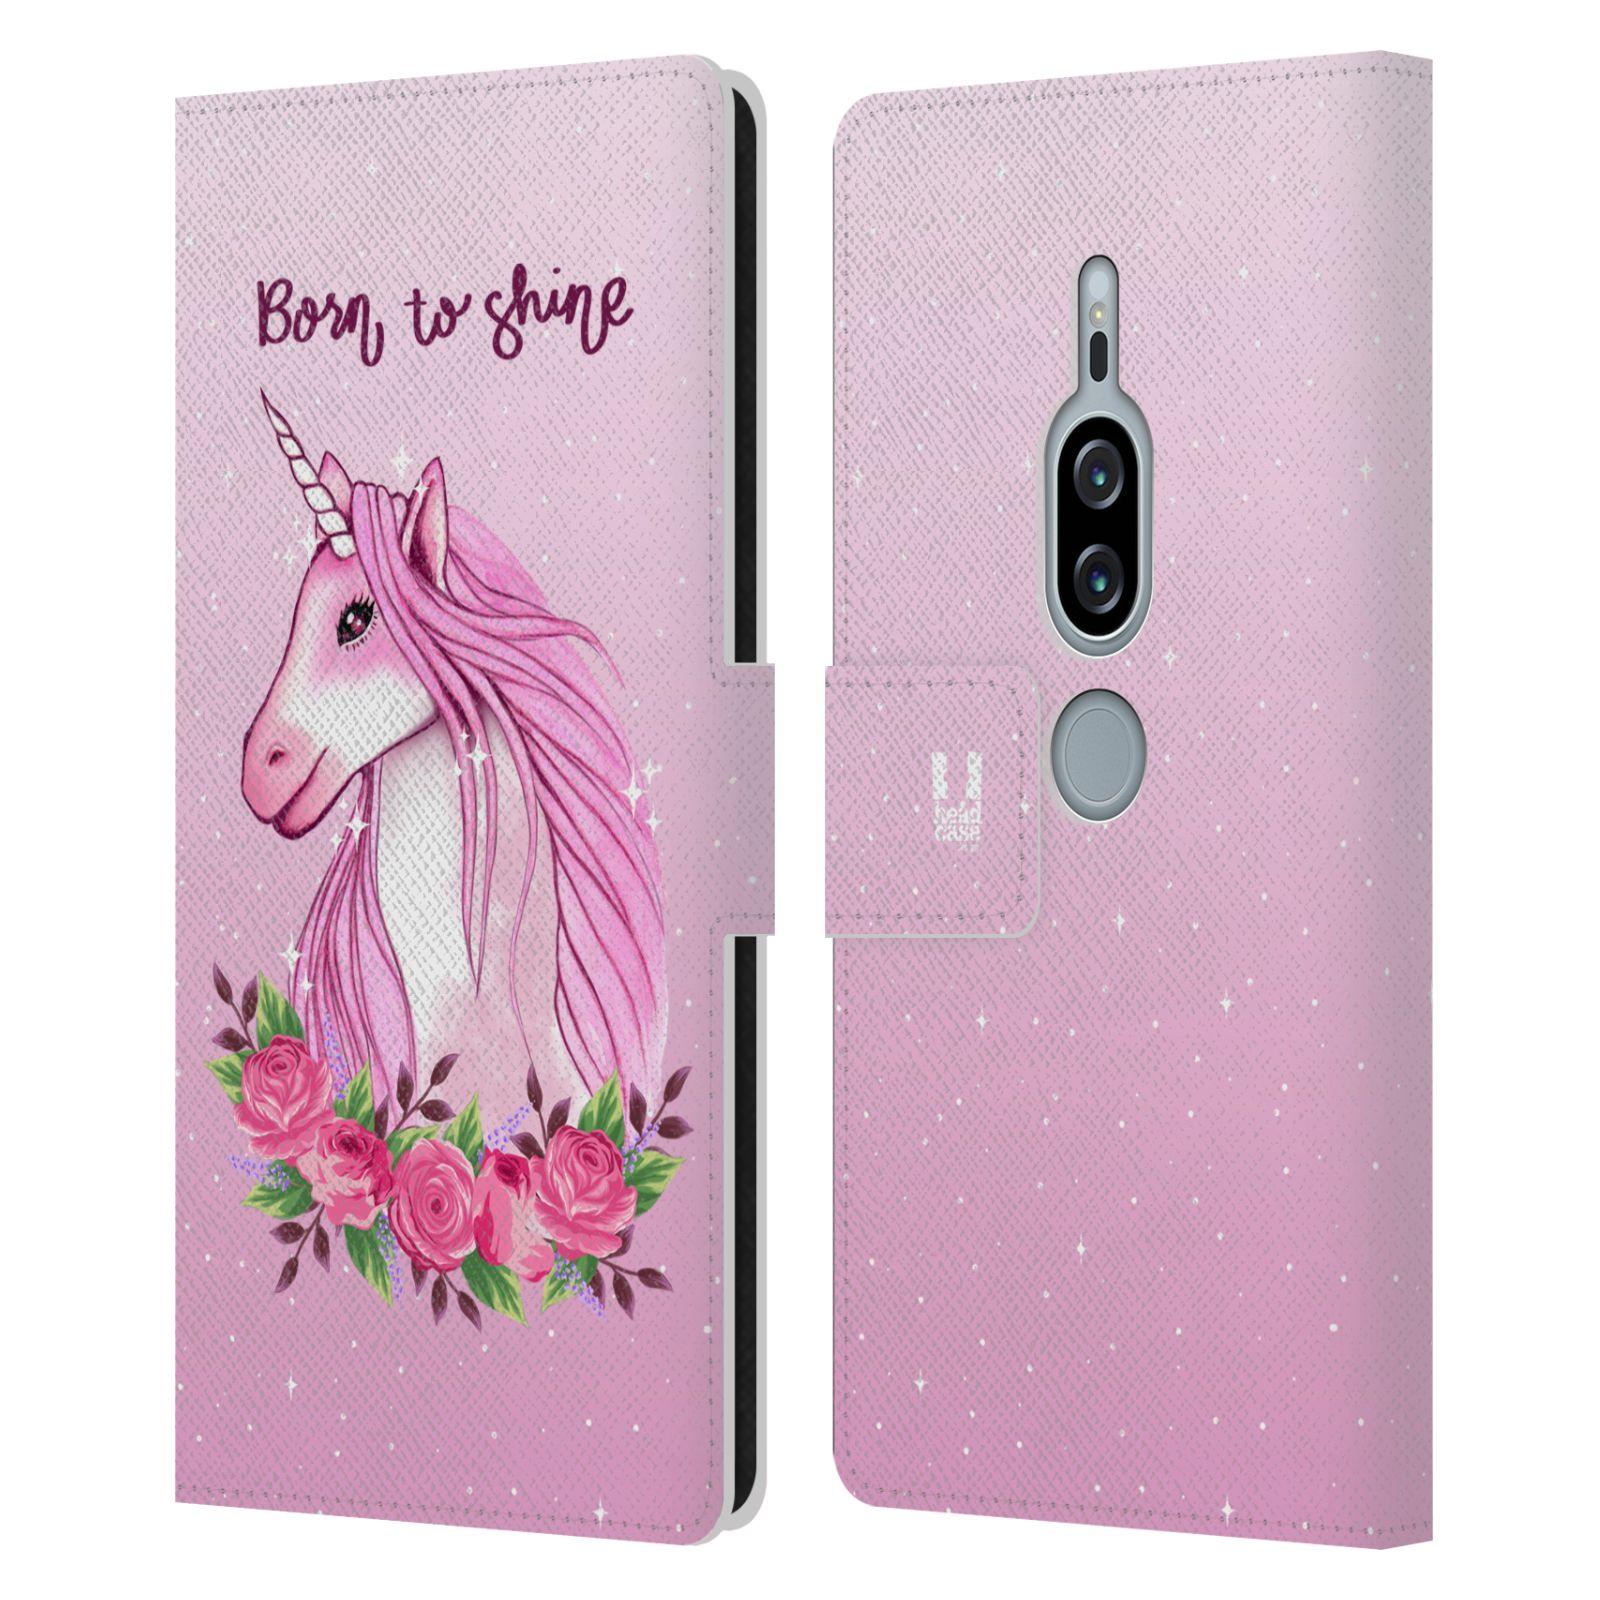 Pouzdro na mobil Sony Xperia XZ2 Premium - Head Case - Růžový jednorožec růže